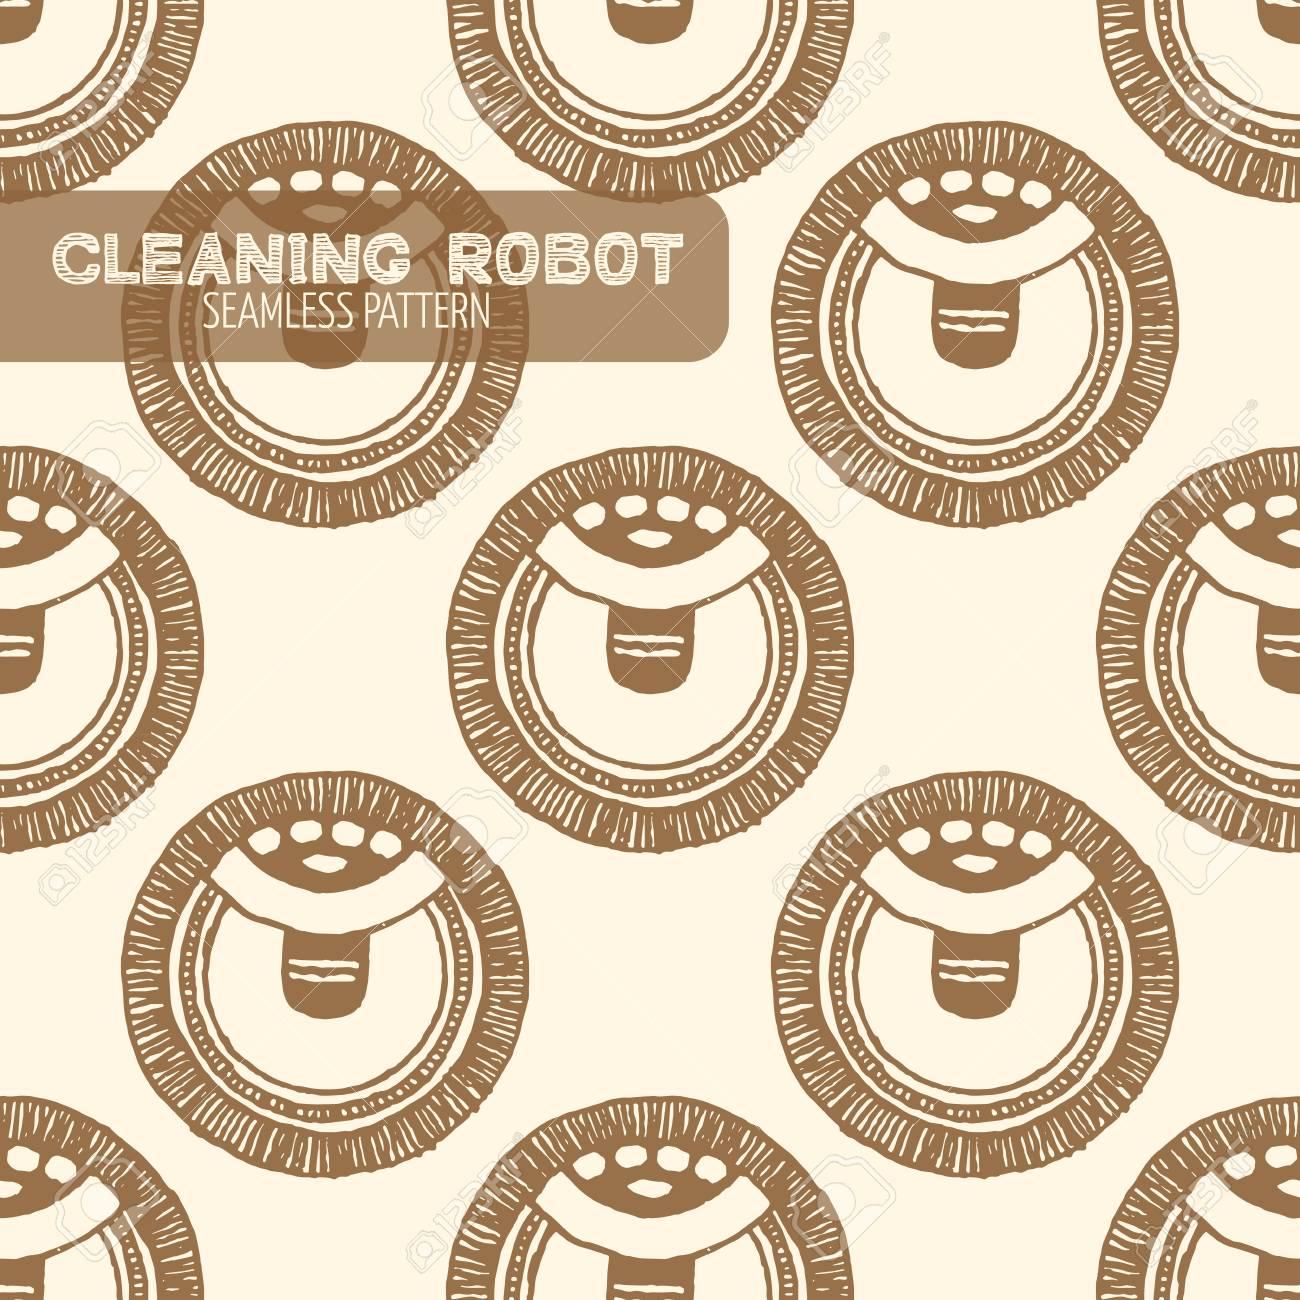 Aspirateur robot de nettoyage seamless pattern. Vintage style, plume et encre tirée par la main. Vector seamless pattern. Retro élément de design pour